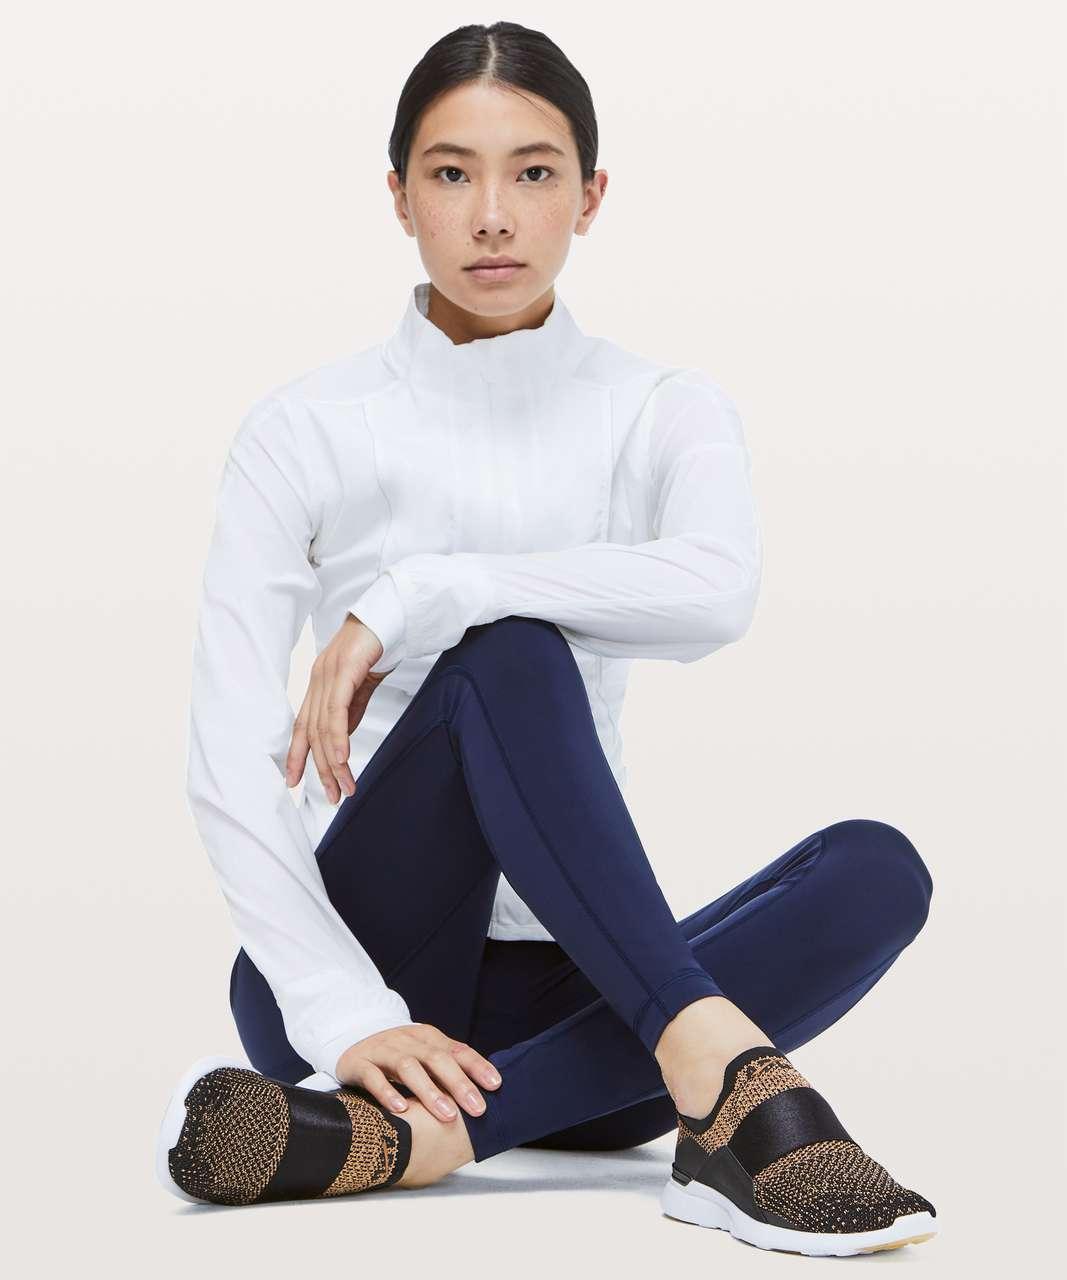 Lululemon Womens TechLoom Bliss Shoe